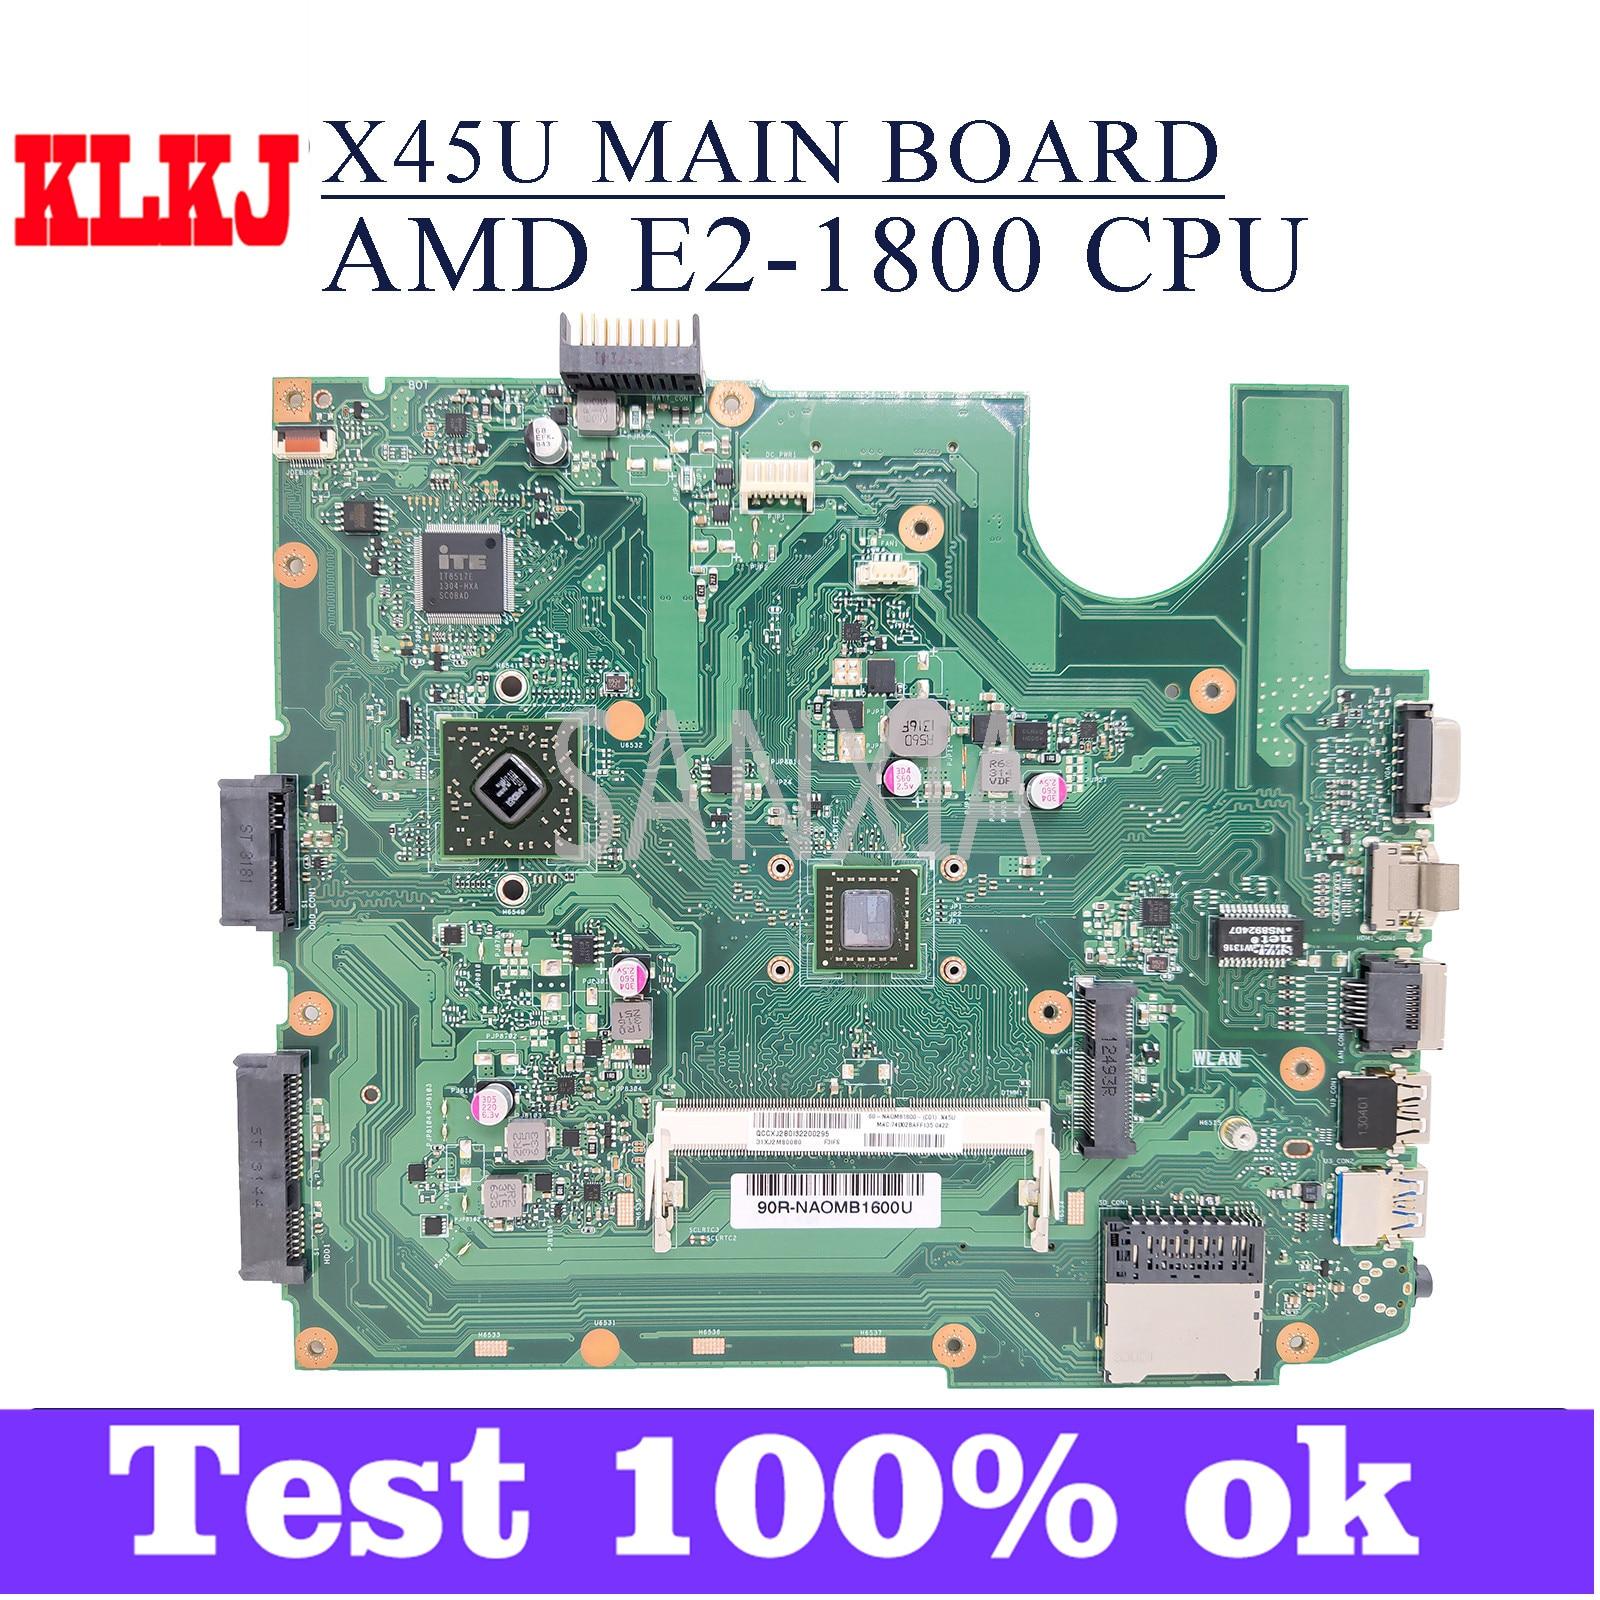 KLKJ X45U اللوحة الأم لأجهزة الكمبيوتر المحمول ASUS VivoBook X45U A45U اللوحة الرئيسية الأصلية AMD E2-1800 وحدة المعالجة المركزية